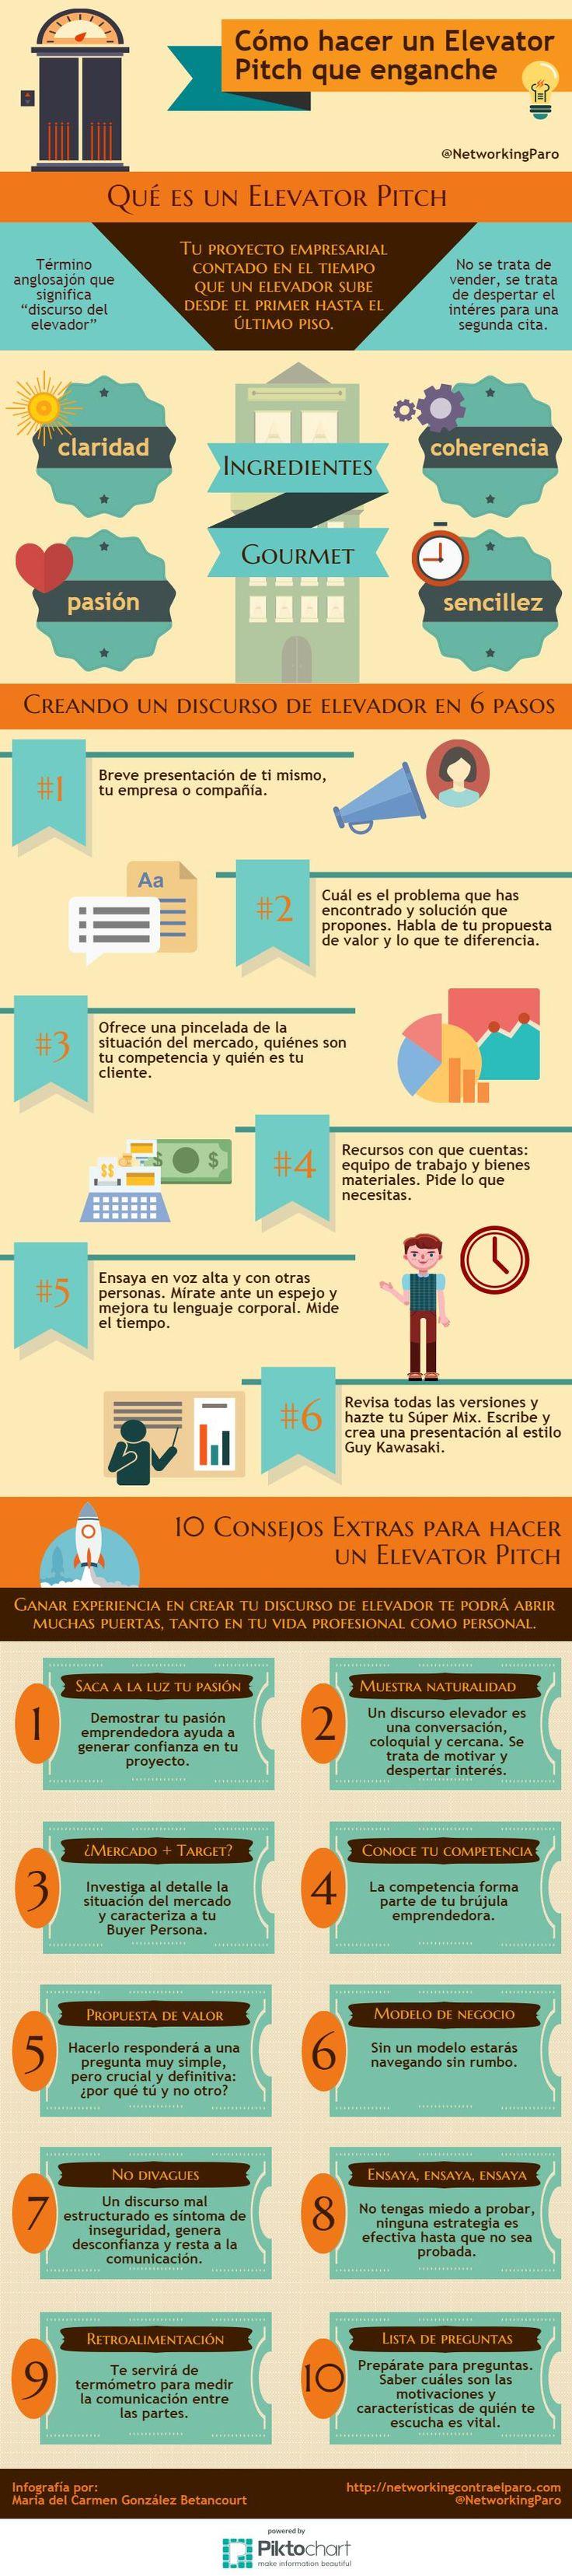 Cómo hacer un Elevator Pitch que enganche #infografia #infographic #entrepreneurship | TICs y Formación